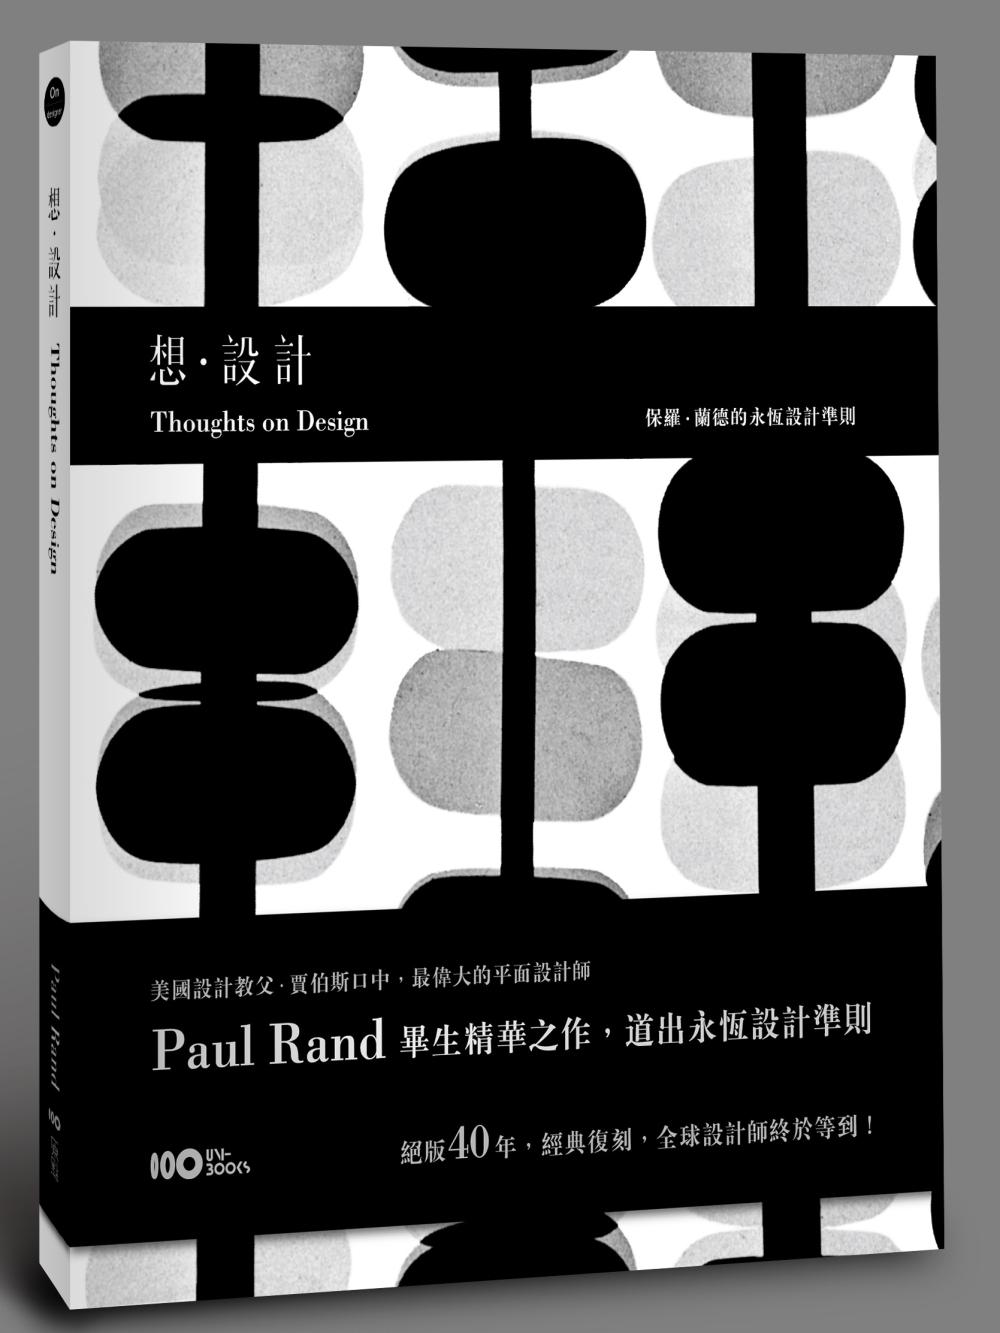 想設計:保羅‧蘭德的永恆設計準則